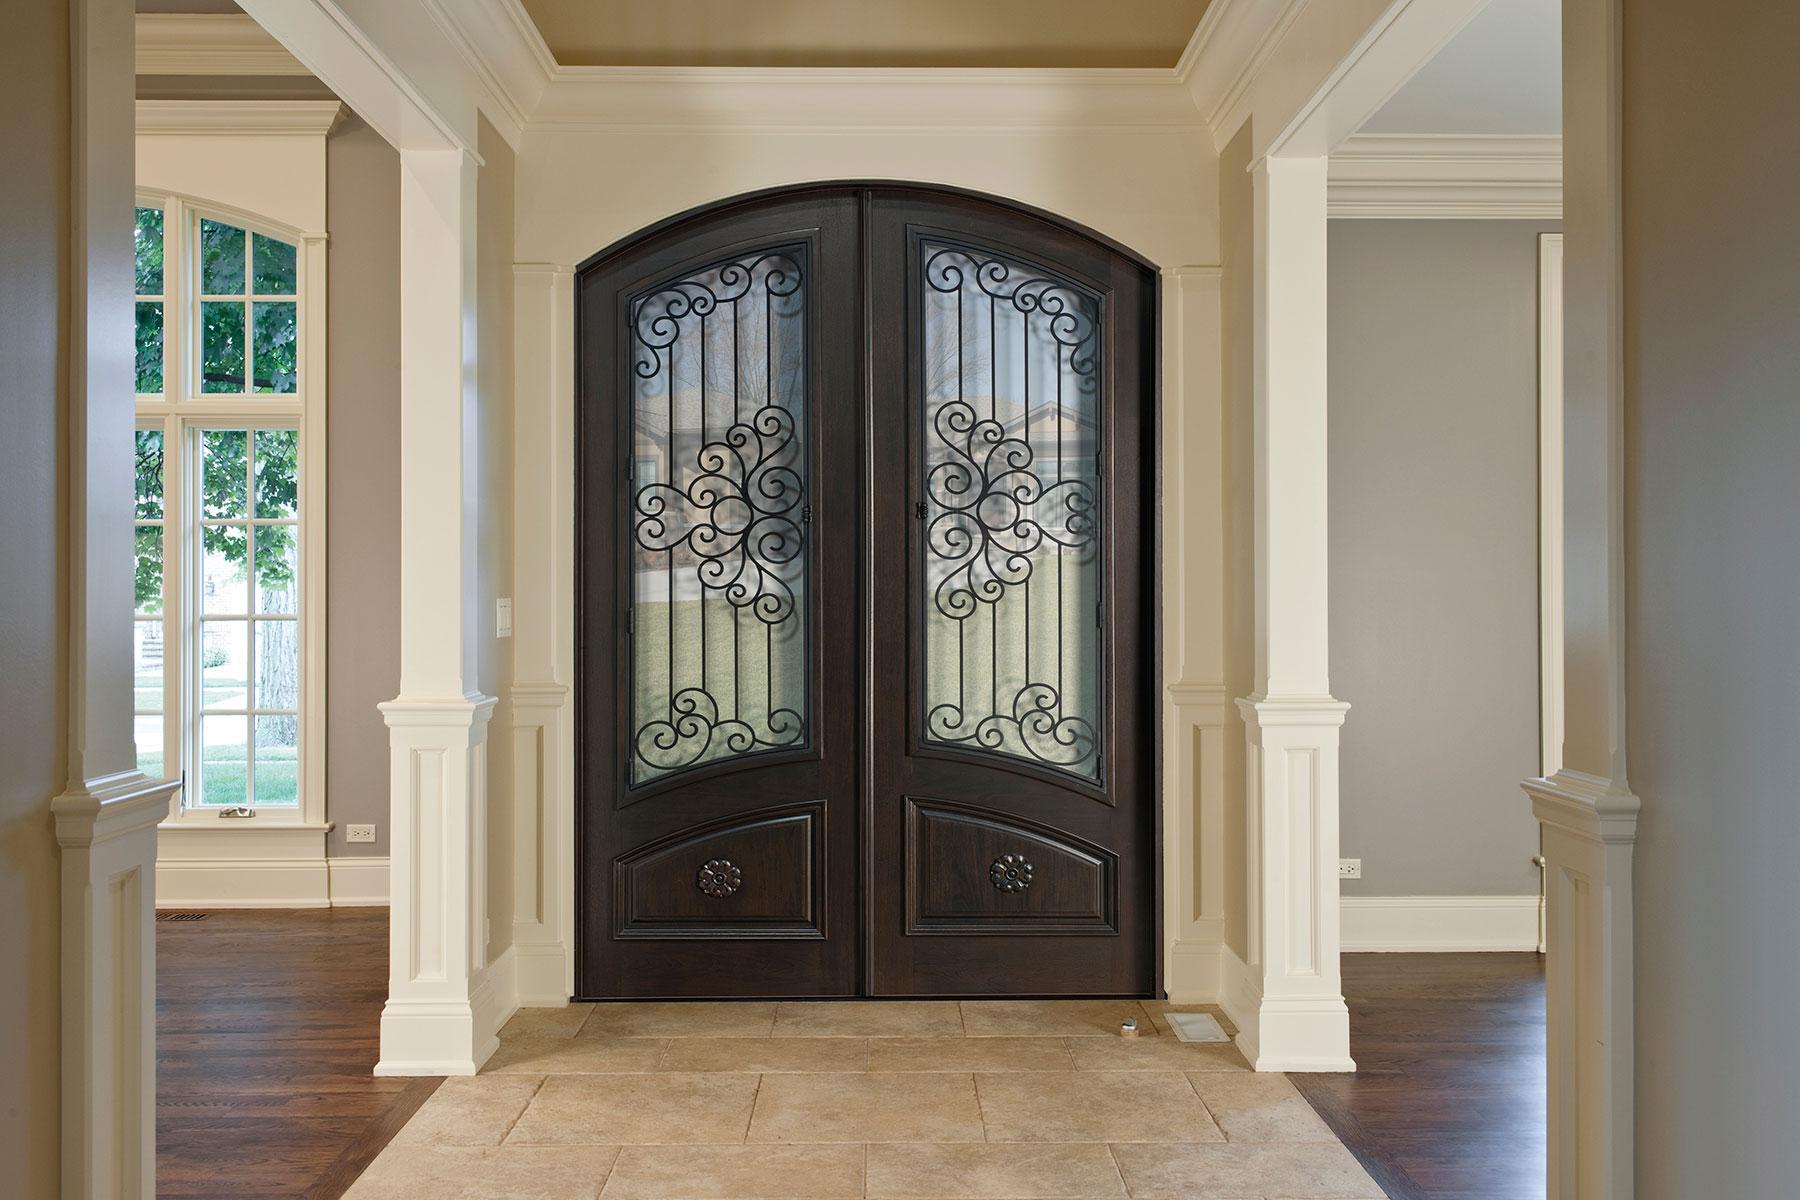 Custom Wood Front Entry Doors | Heritage Collection Custom Wood Front Entry Door DB-H005 DD F CST - Glenview Doors - Custom Doors in Chicago